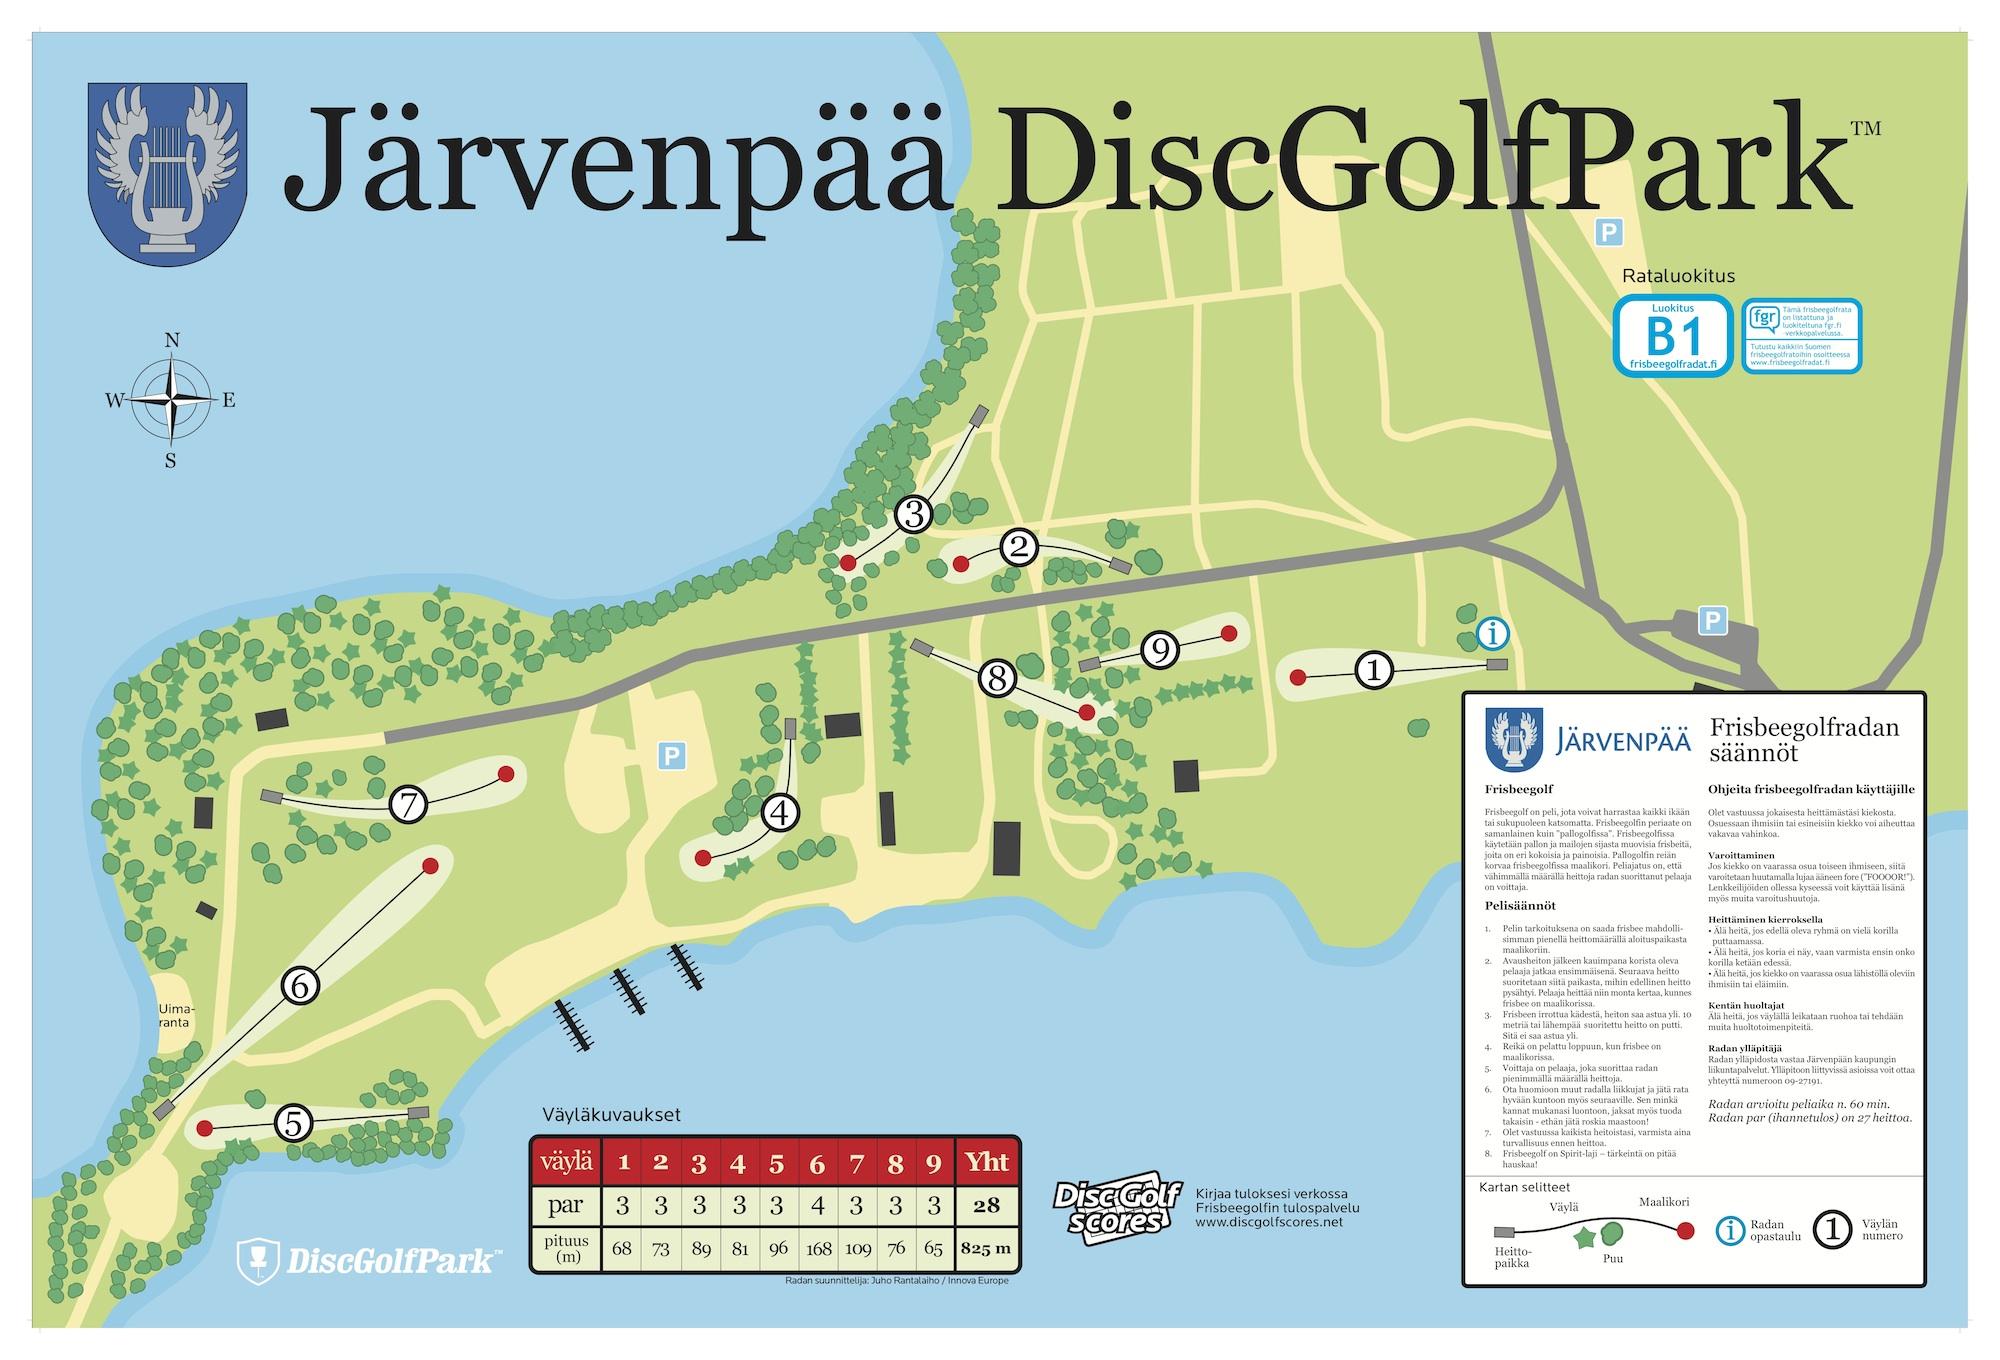 jarvenpaajarvenpaaratakartta2014 DiscGolfPark